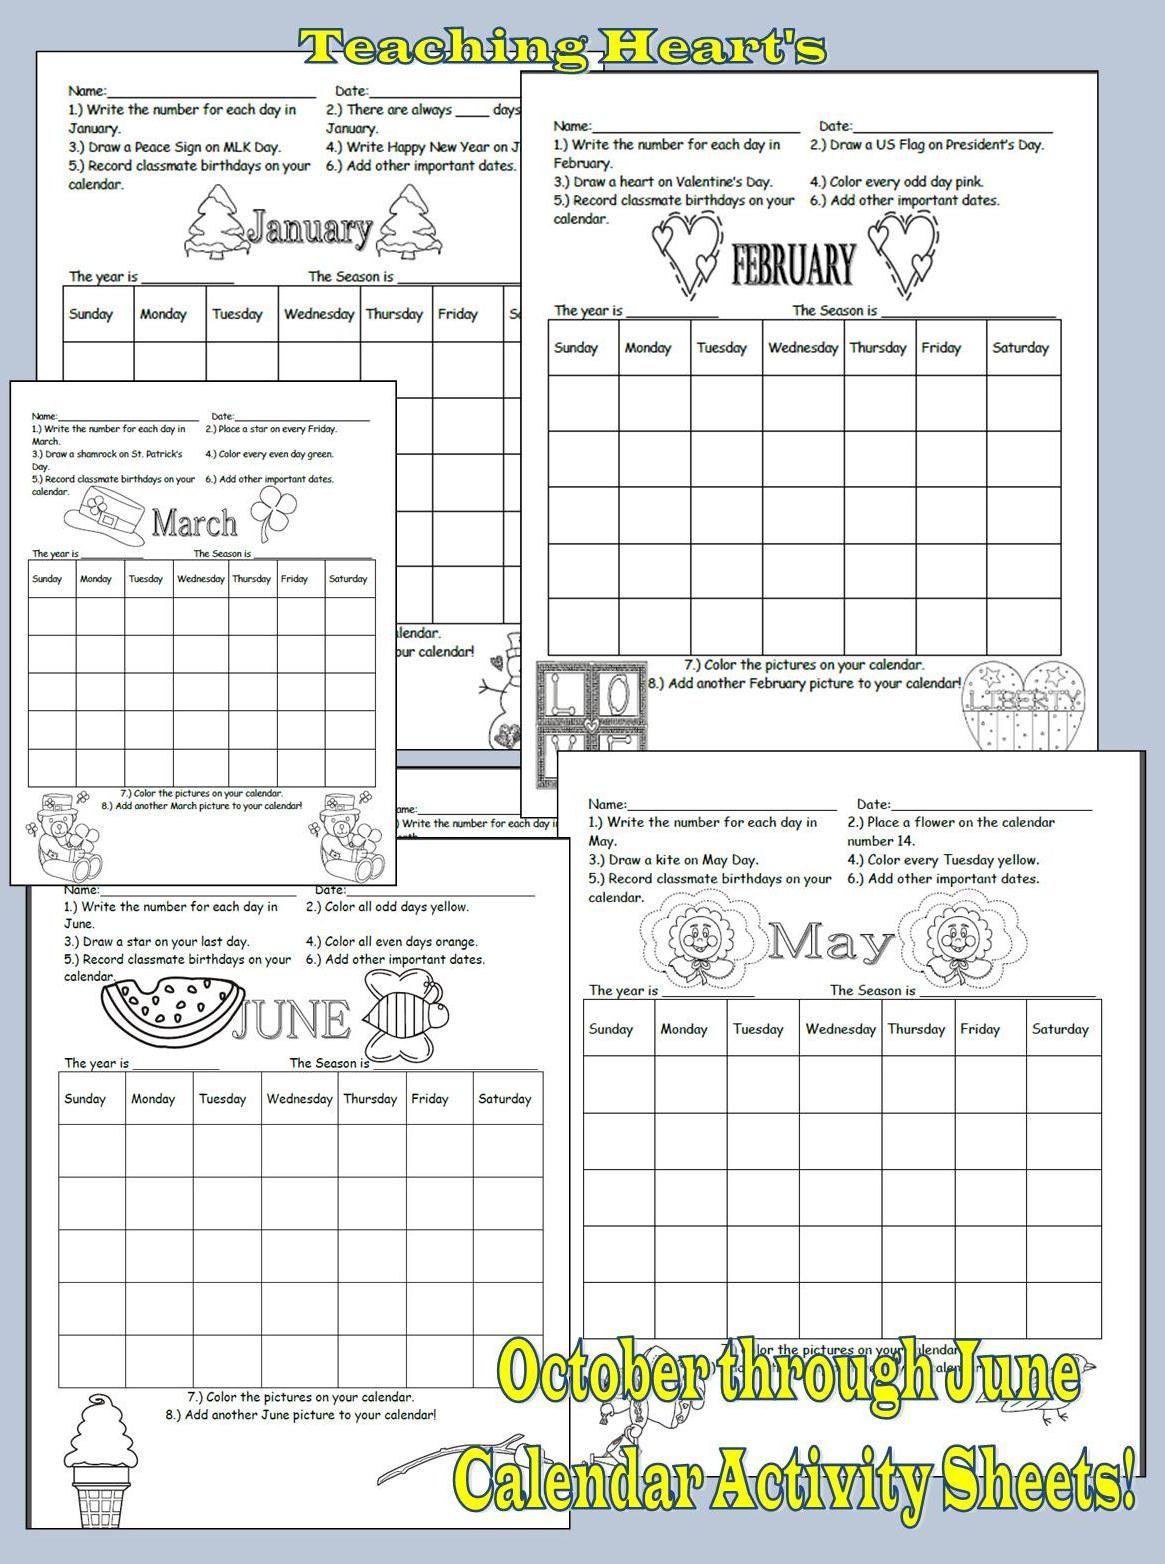 Calendar Skill Activity Sheets